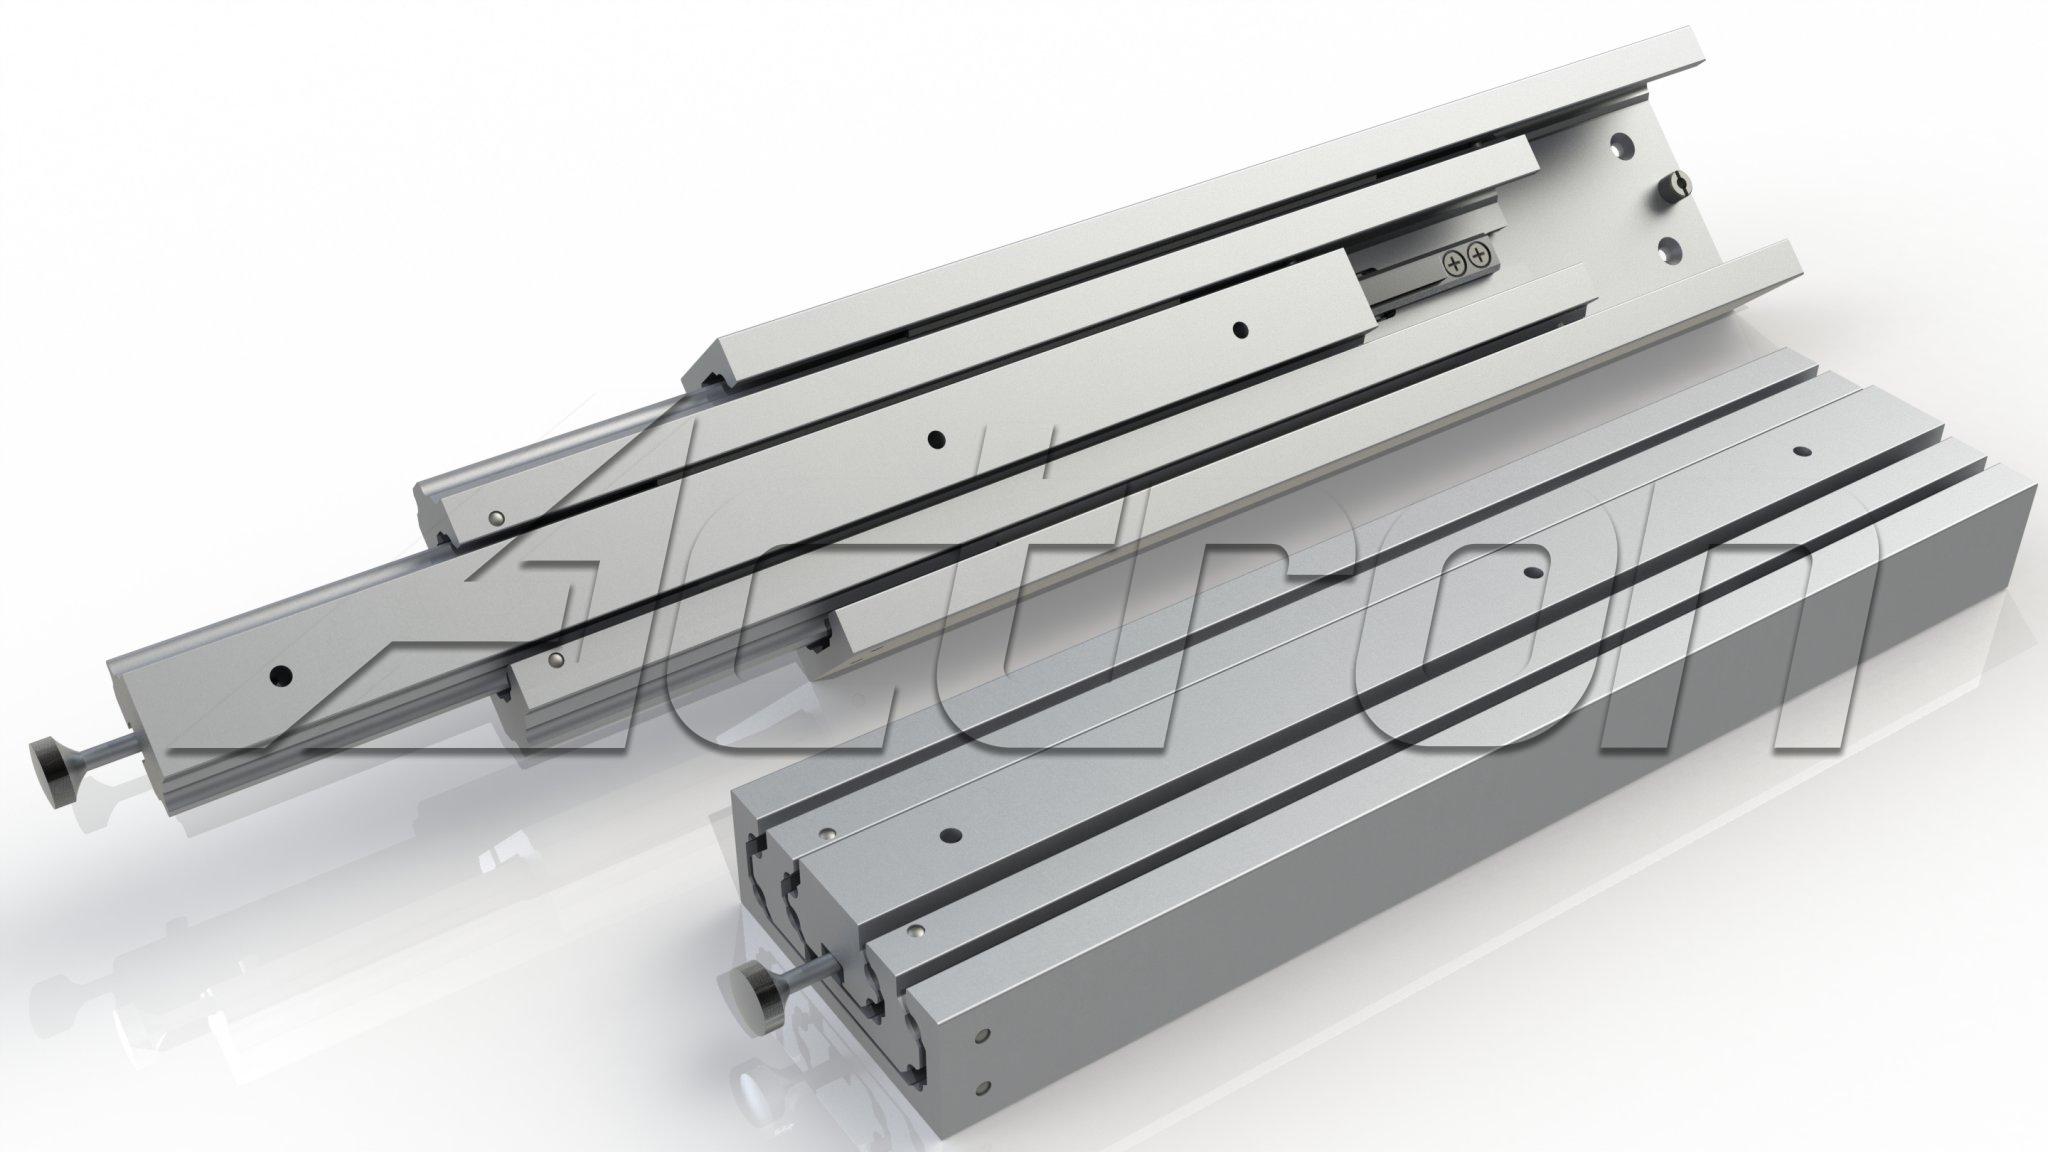 slide-assy-8211-aluminum-1-50-8243-x-3-50-8243-5103-a6515.jpg